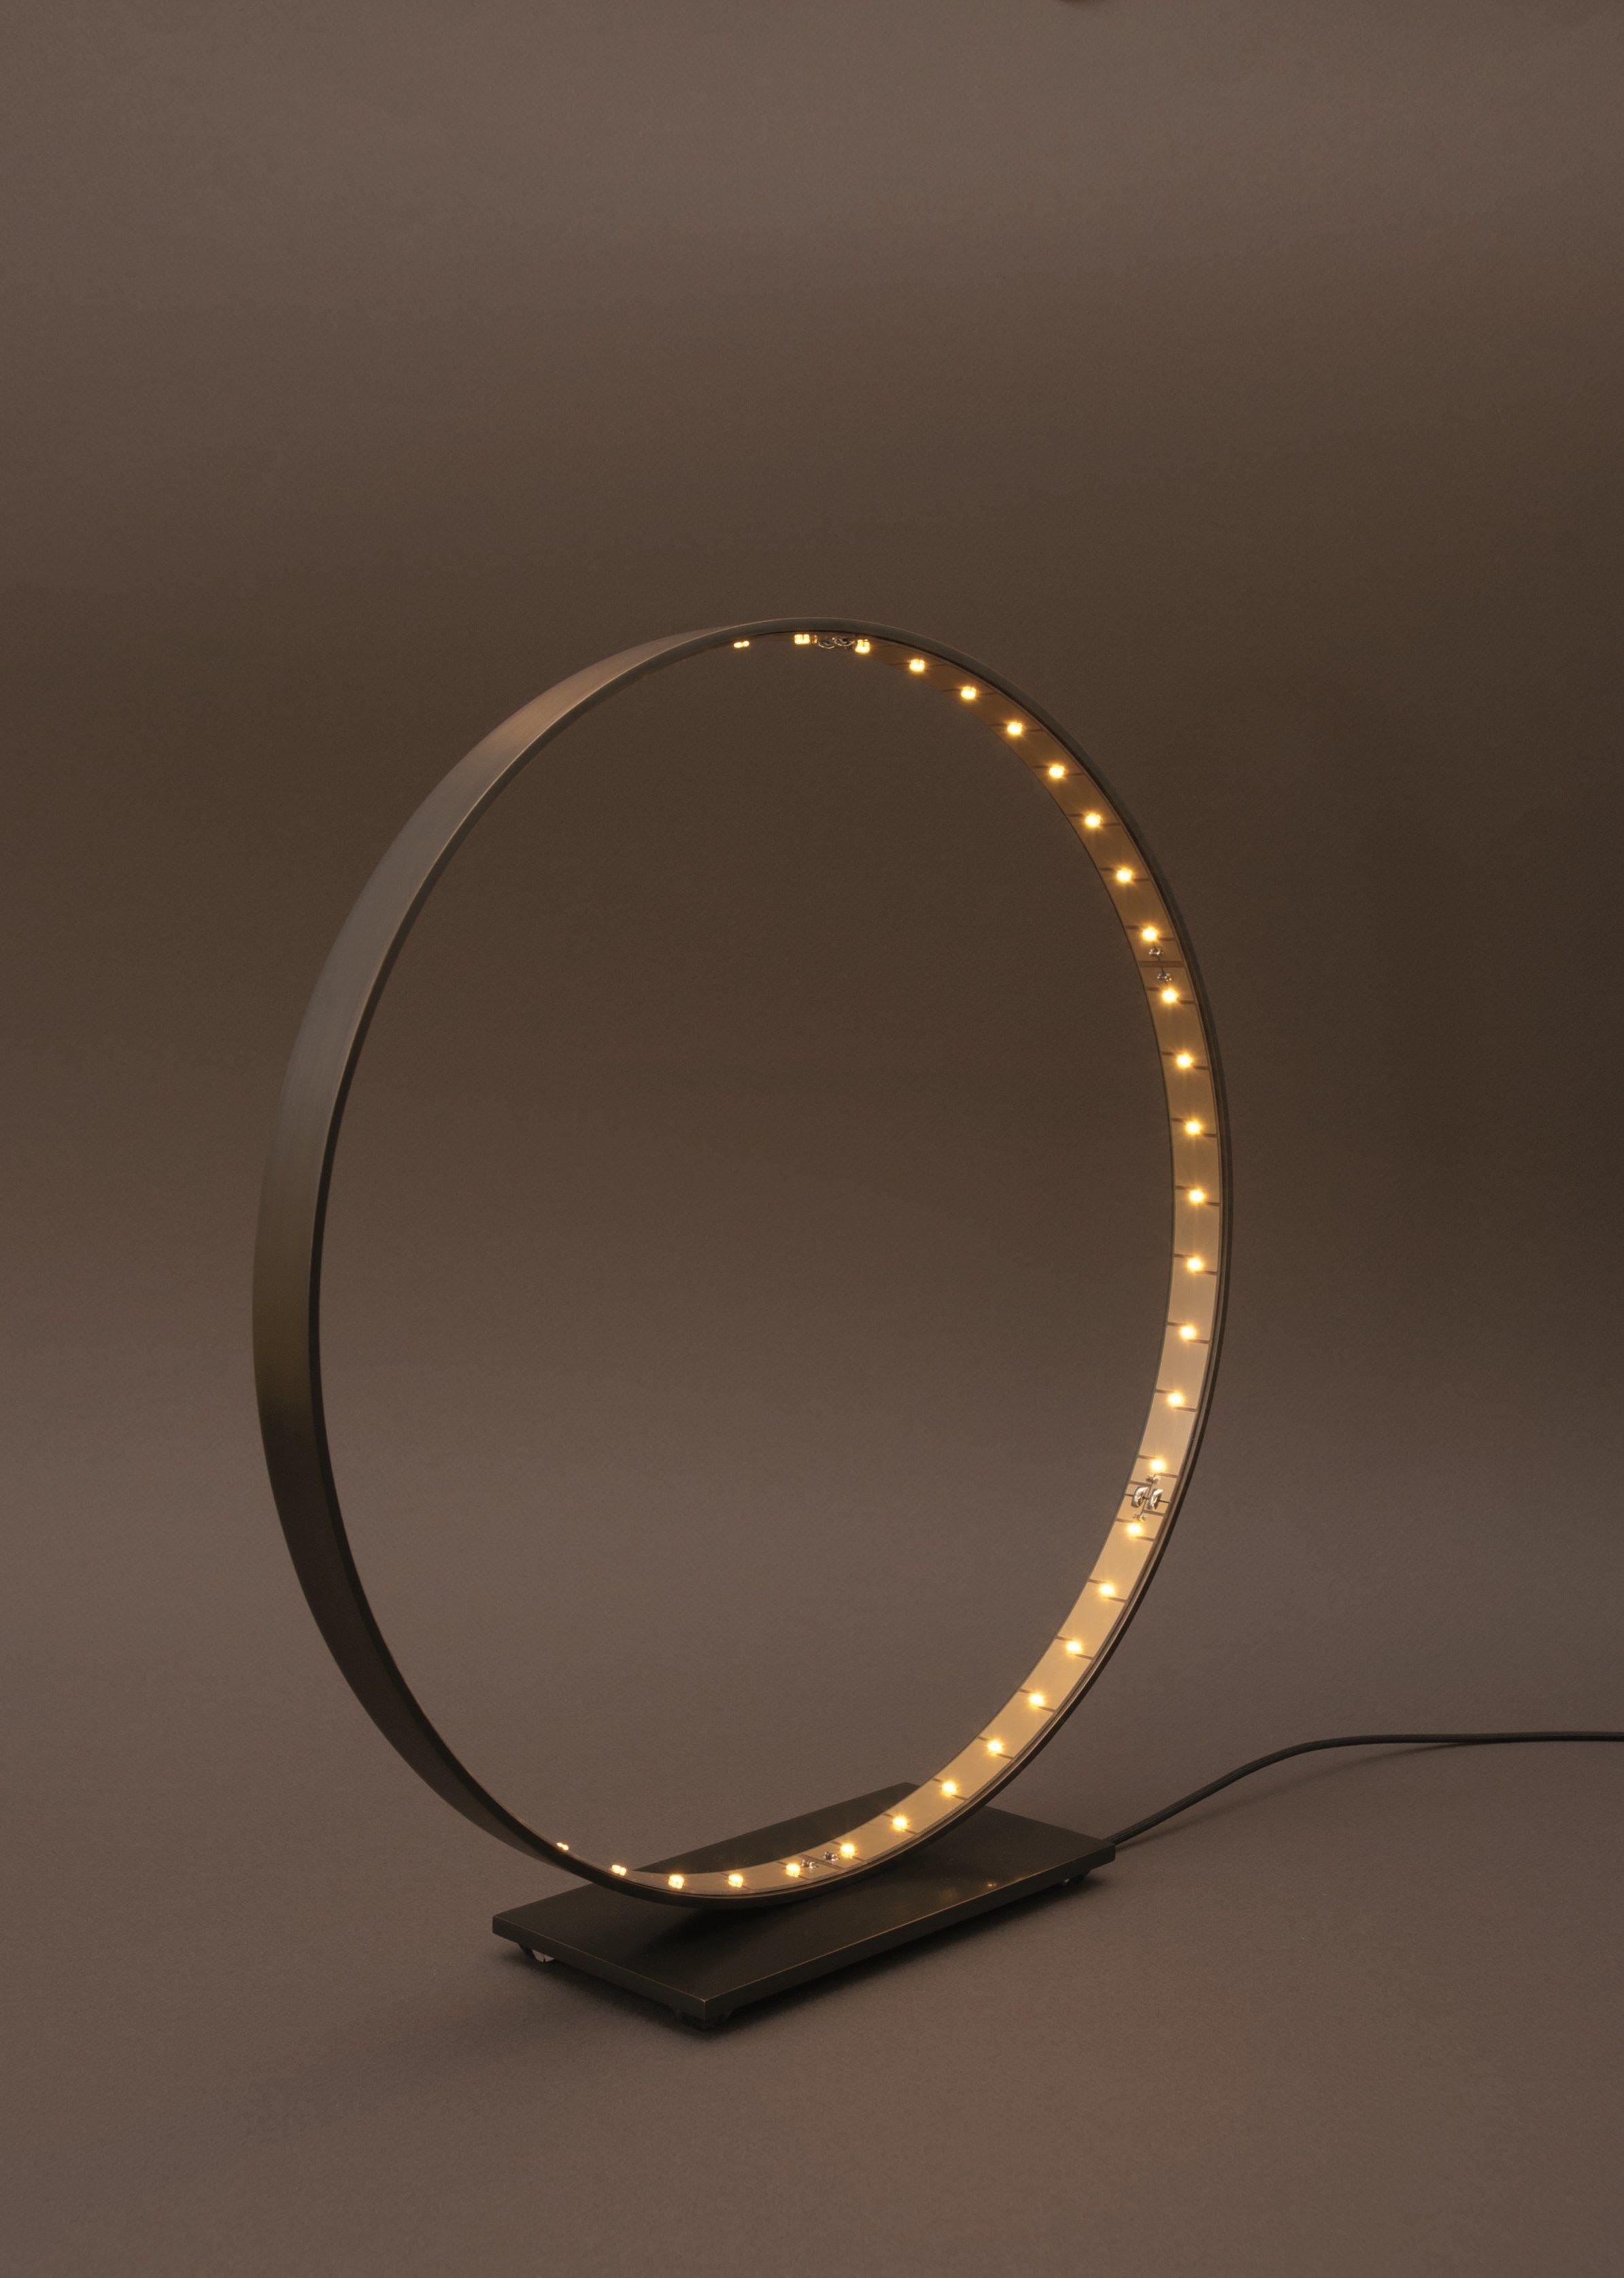 Lampe de table led pour clairage direct indirect la micro 30 by le deun luminaires - Lampe cercle led ...